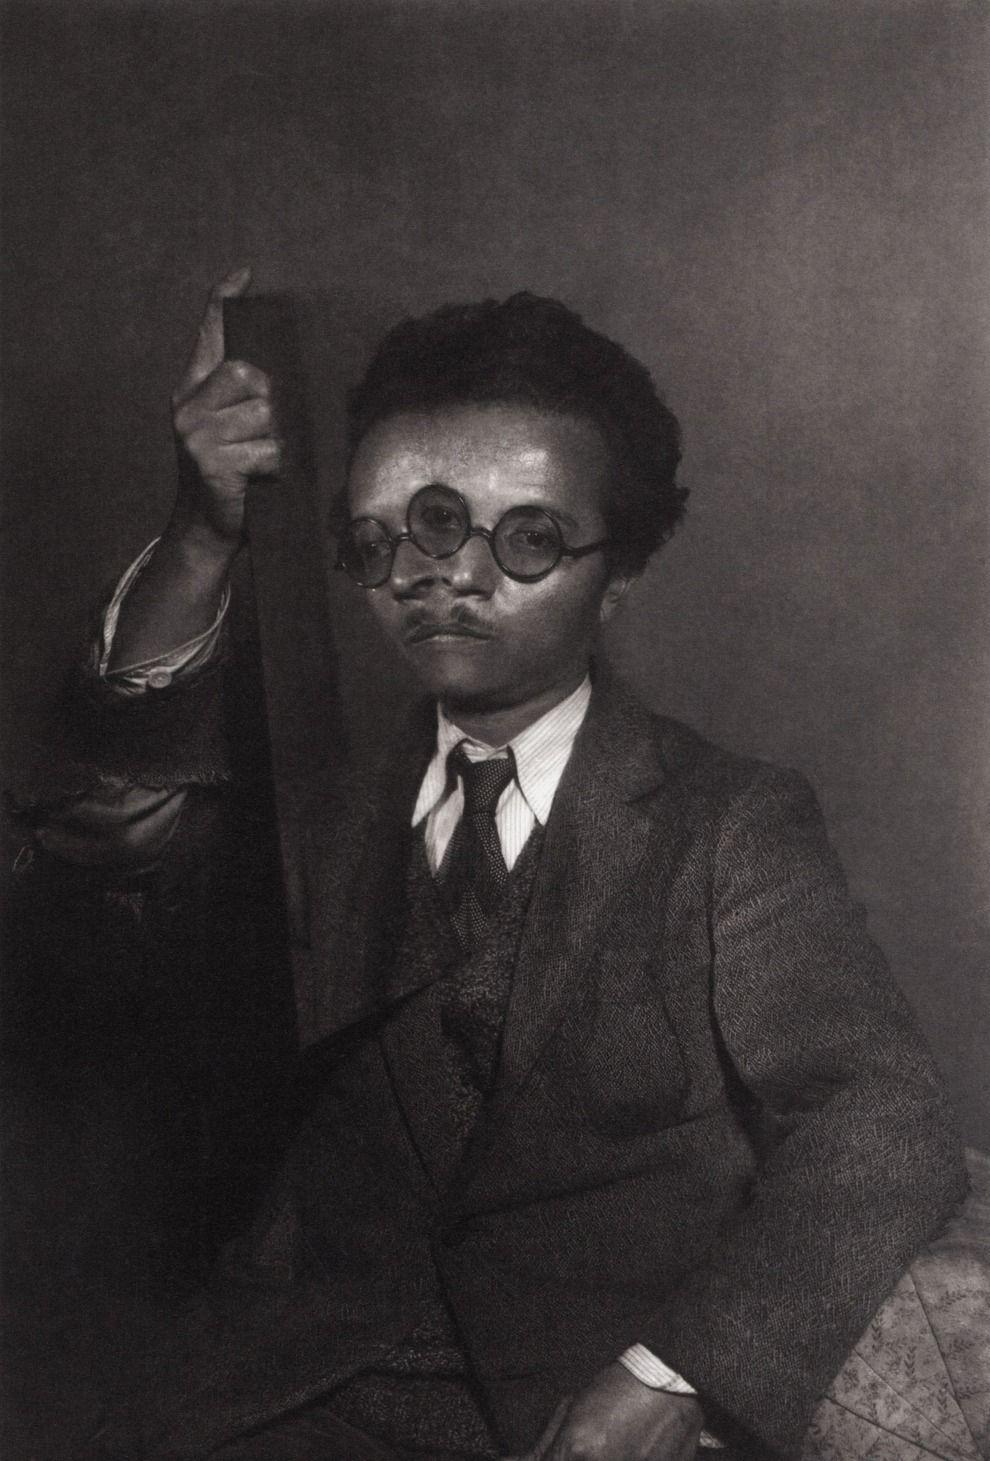 Iwata Nakayama - 中山 岩太, Se...